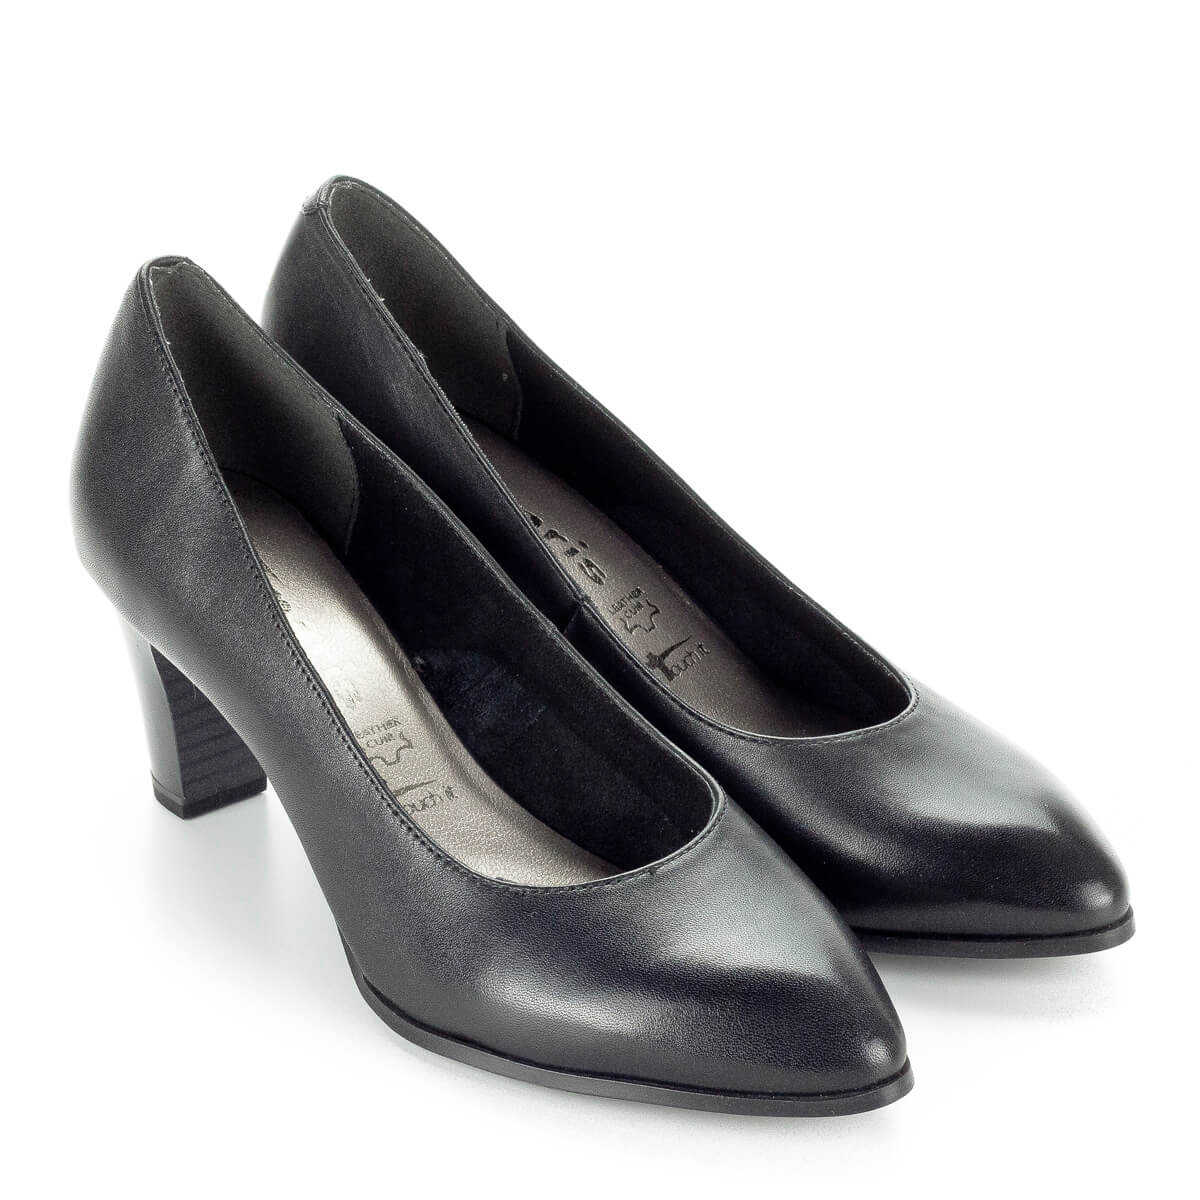 Tamaris cipő katalógus - A Tamaris cipők új kollekciója - chix.hu 3626011cb6